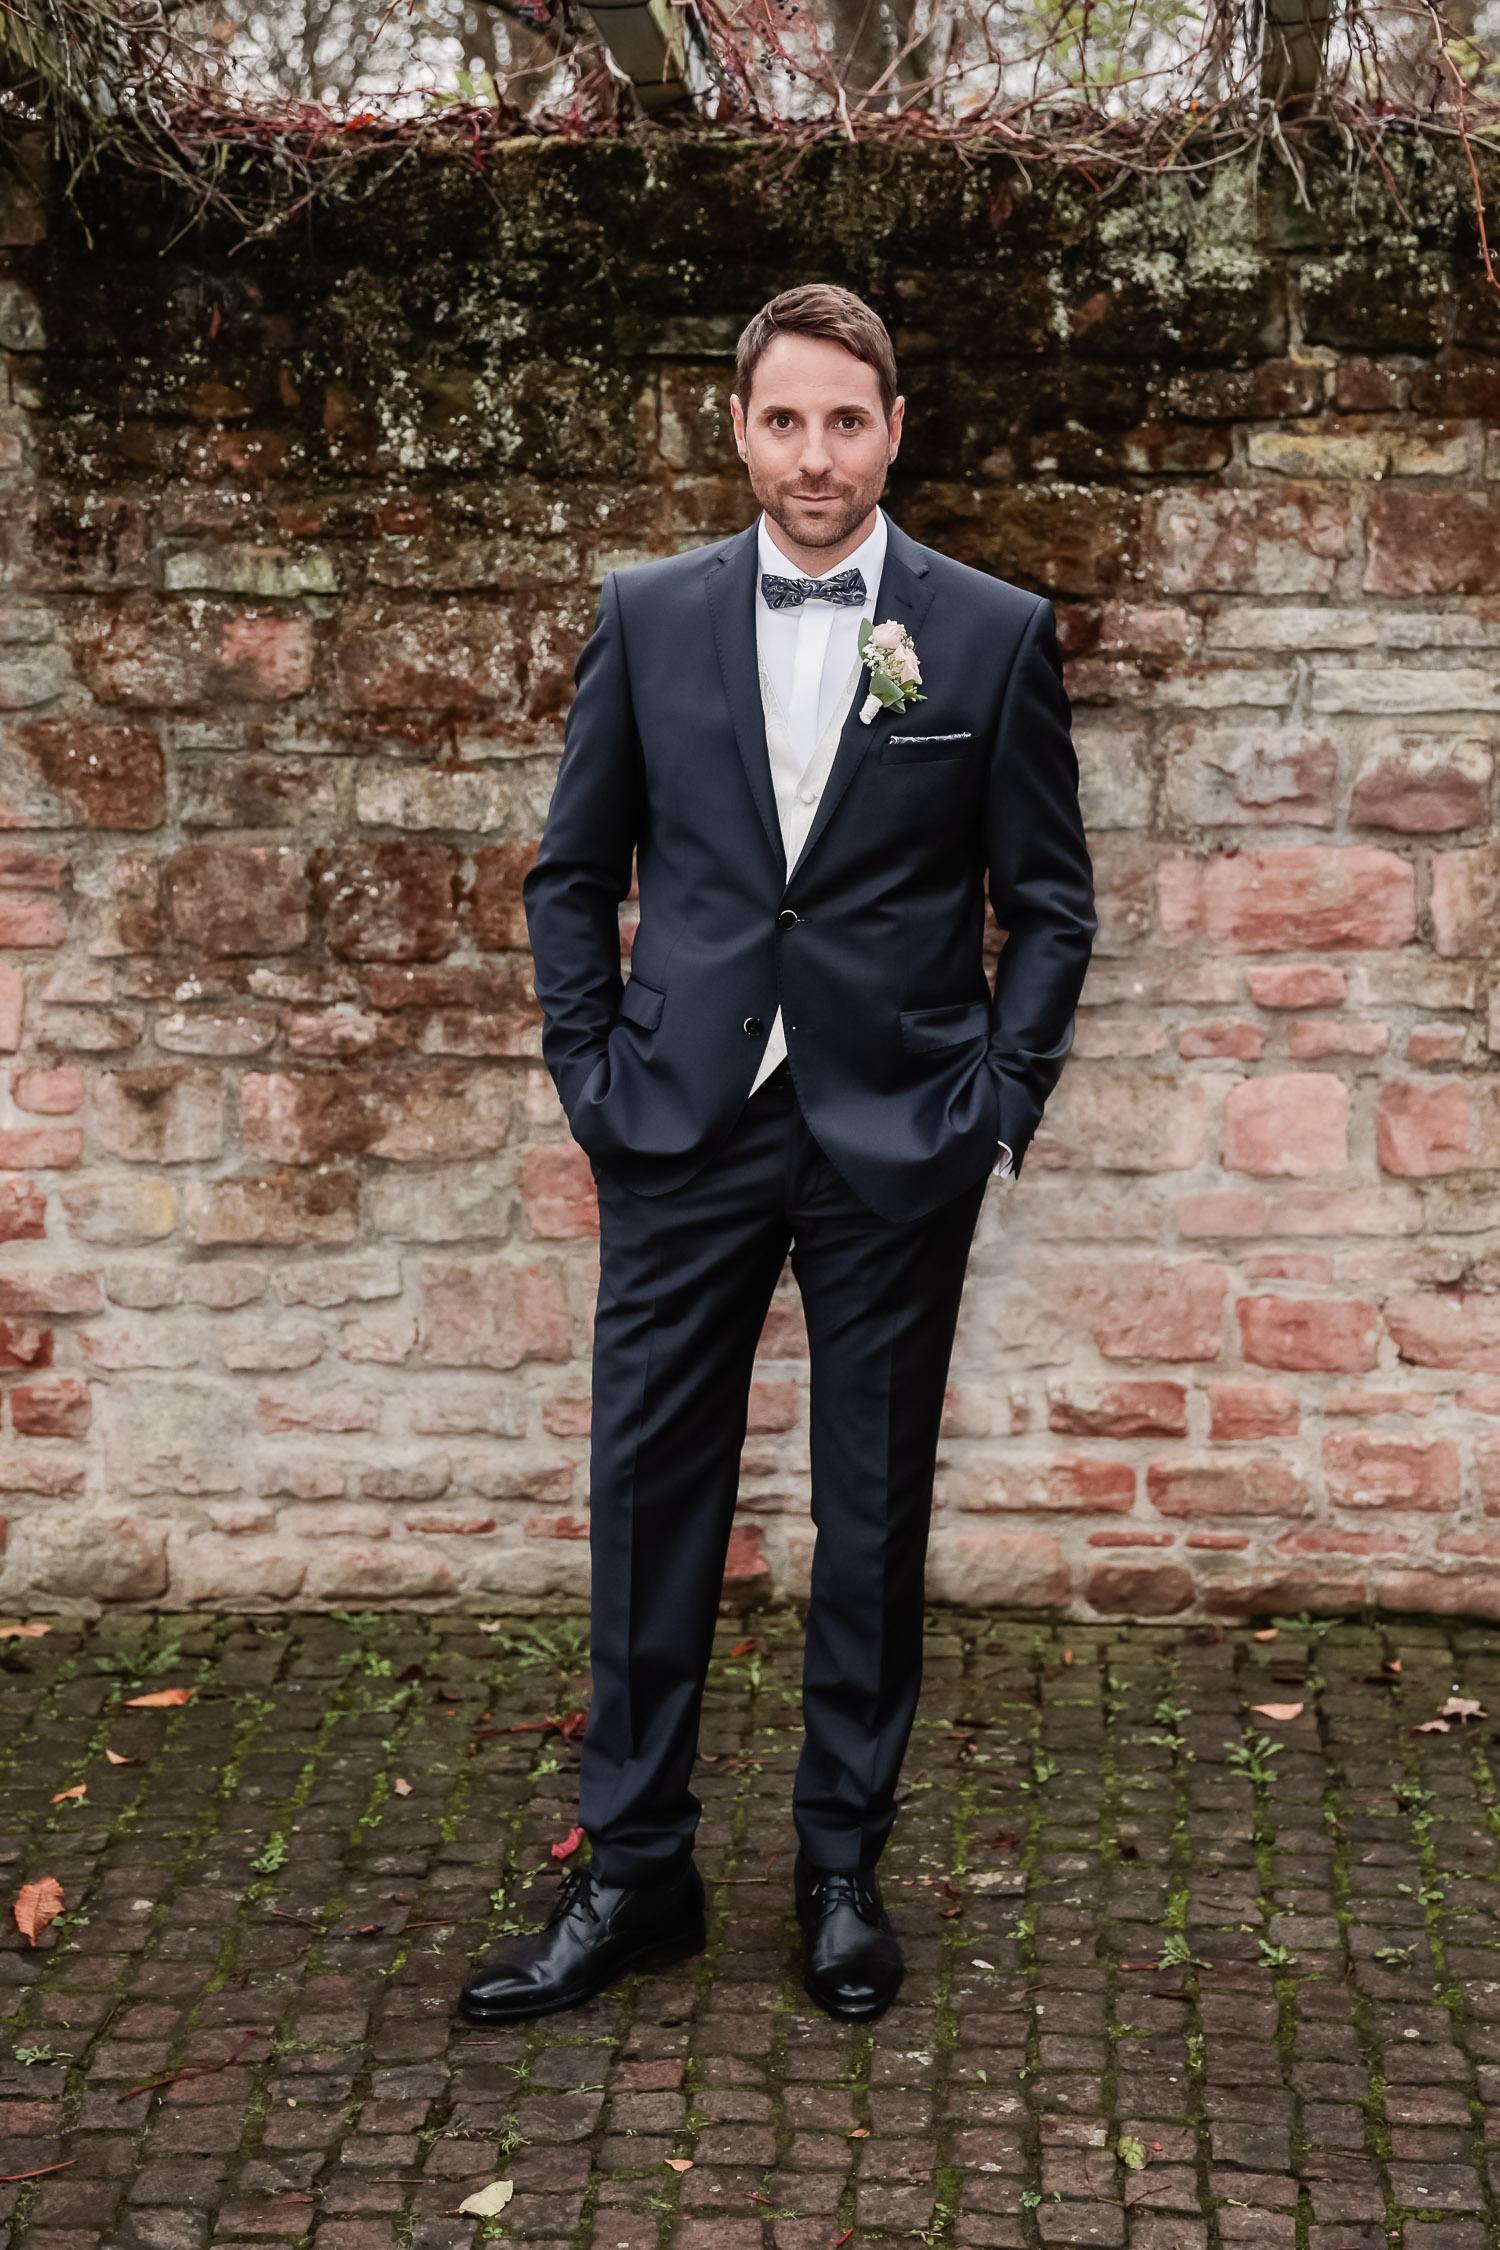 Hochzeit, Bräutigam, outdoor, Novemberhochzeit, Hochzeitsfotograf Wittlich, Andrea Schenke Photography